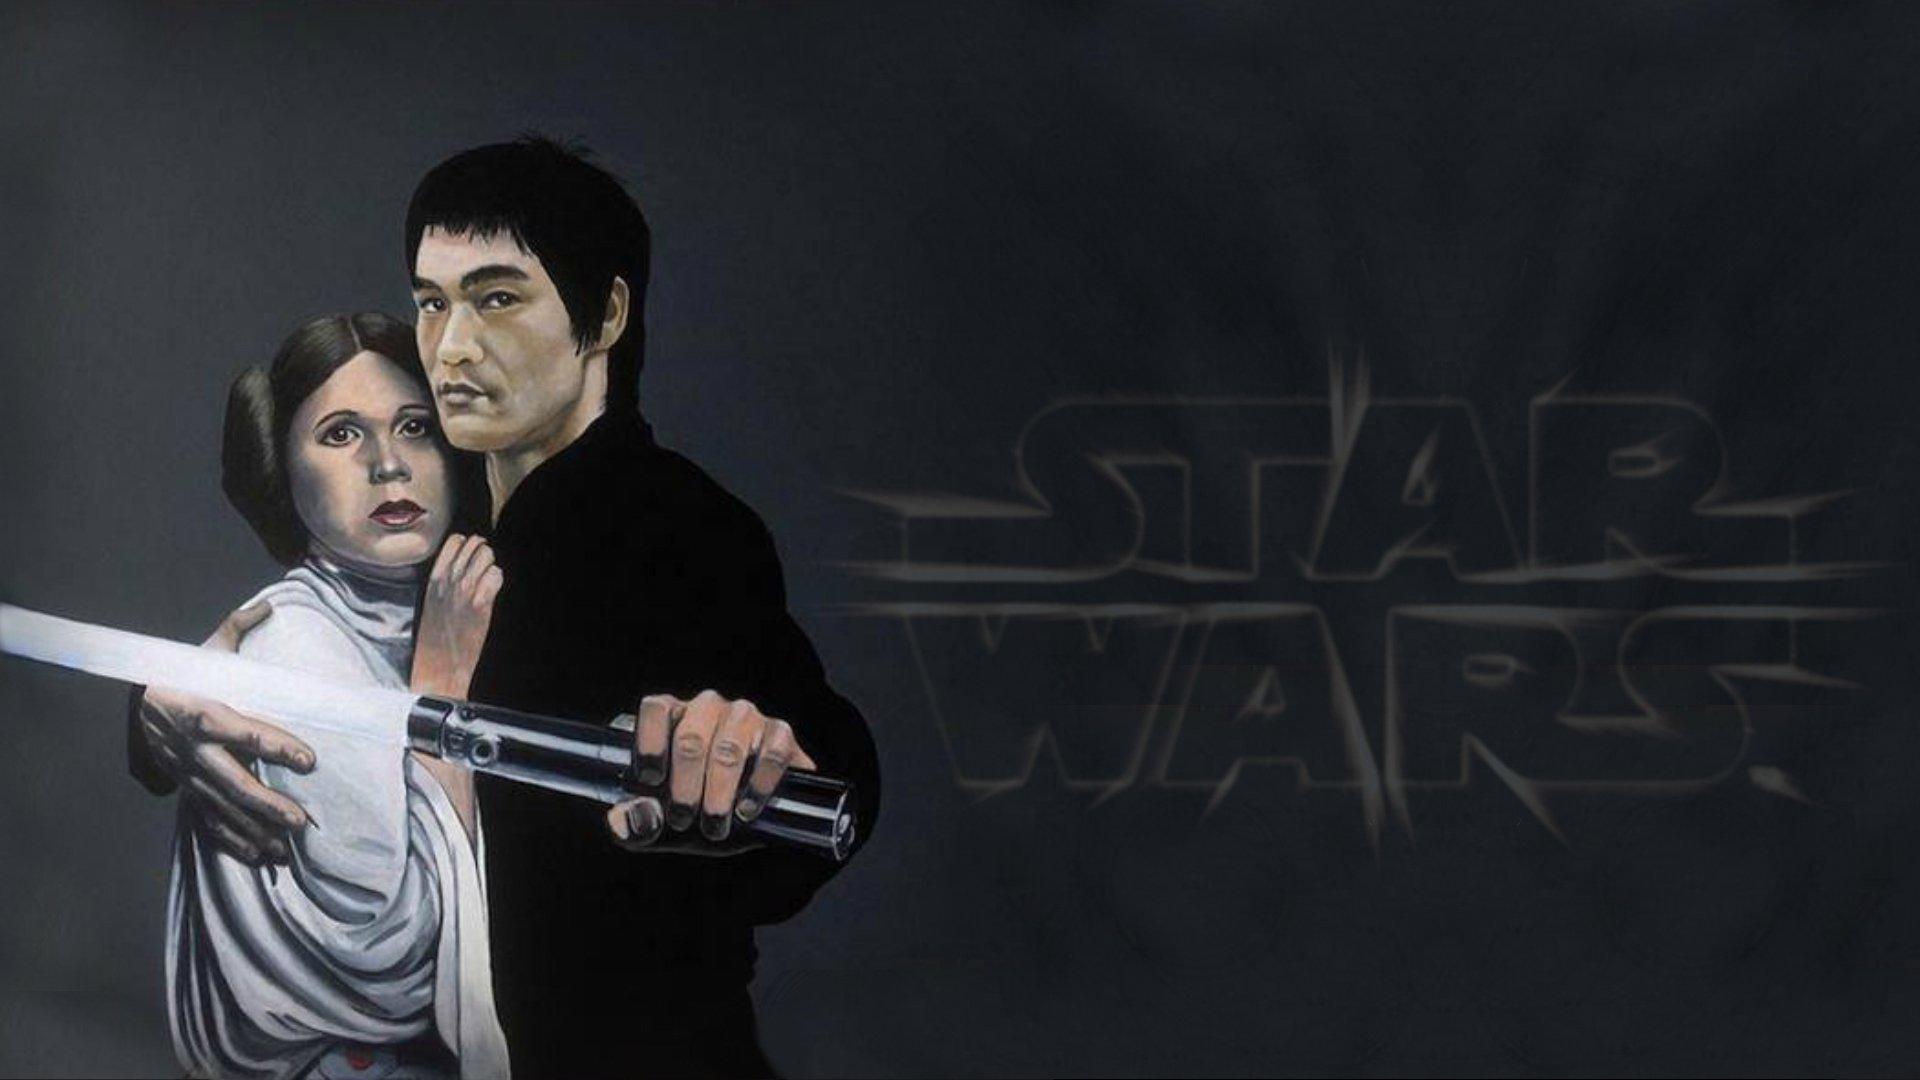 Sci Fi - Star Wars  Bruce Lee Wallpaper